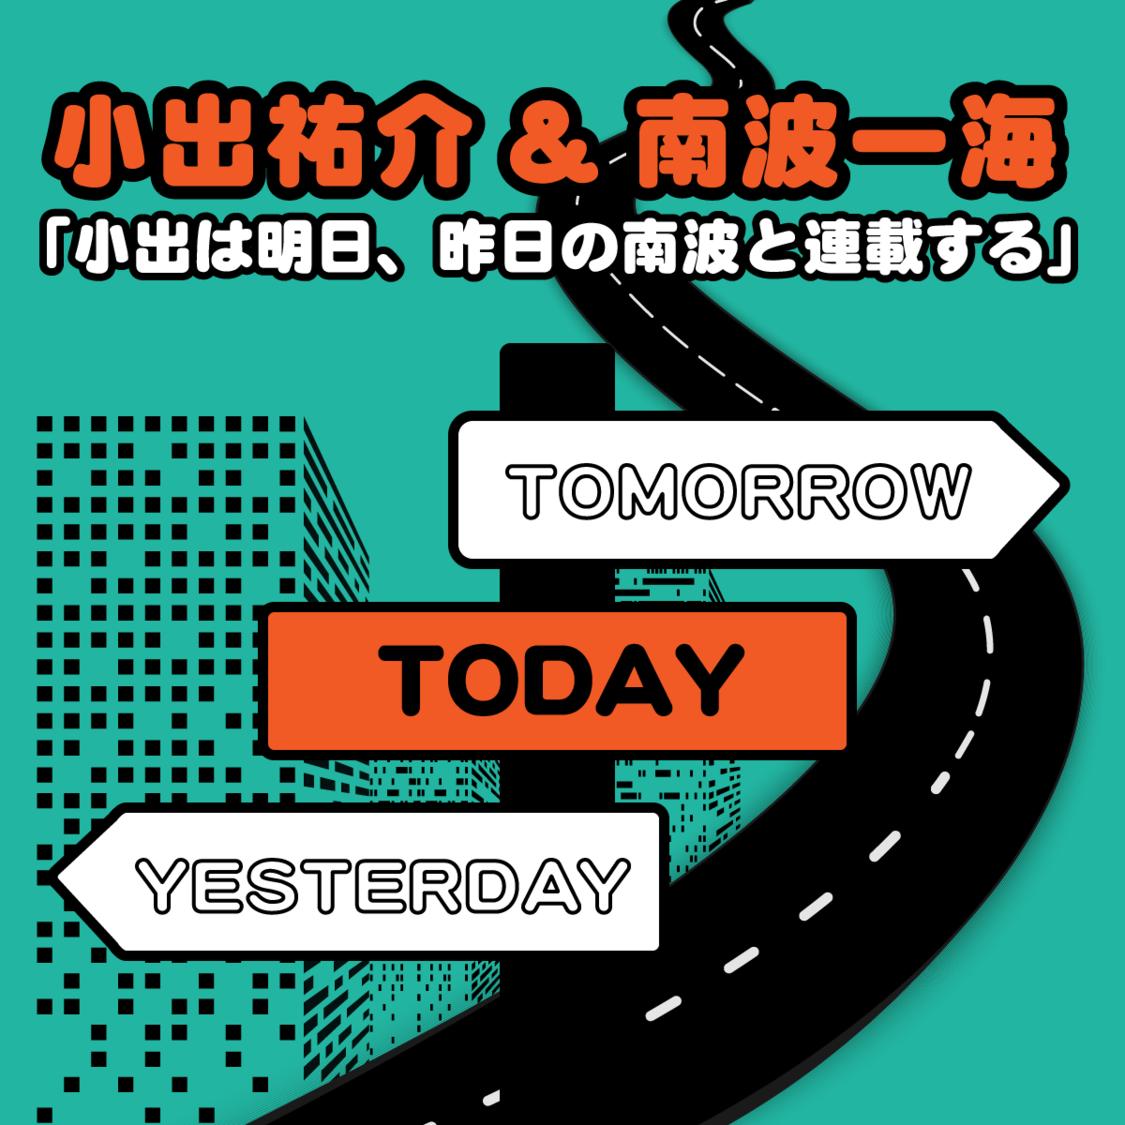 第11回:アイドルのライブ演出とハロプロの美学〜小出祐介&南波一海「小出は明日、昨日の南波と連載する」〜